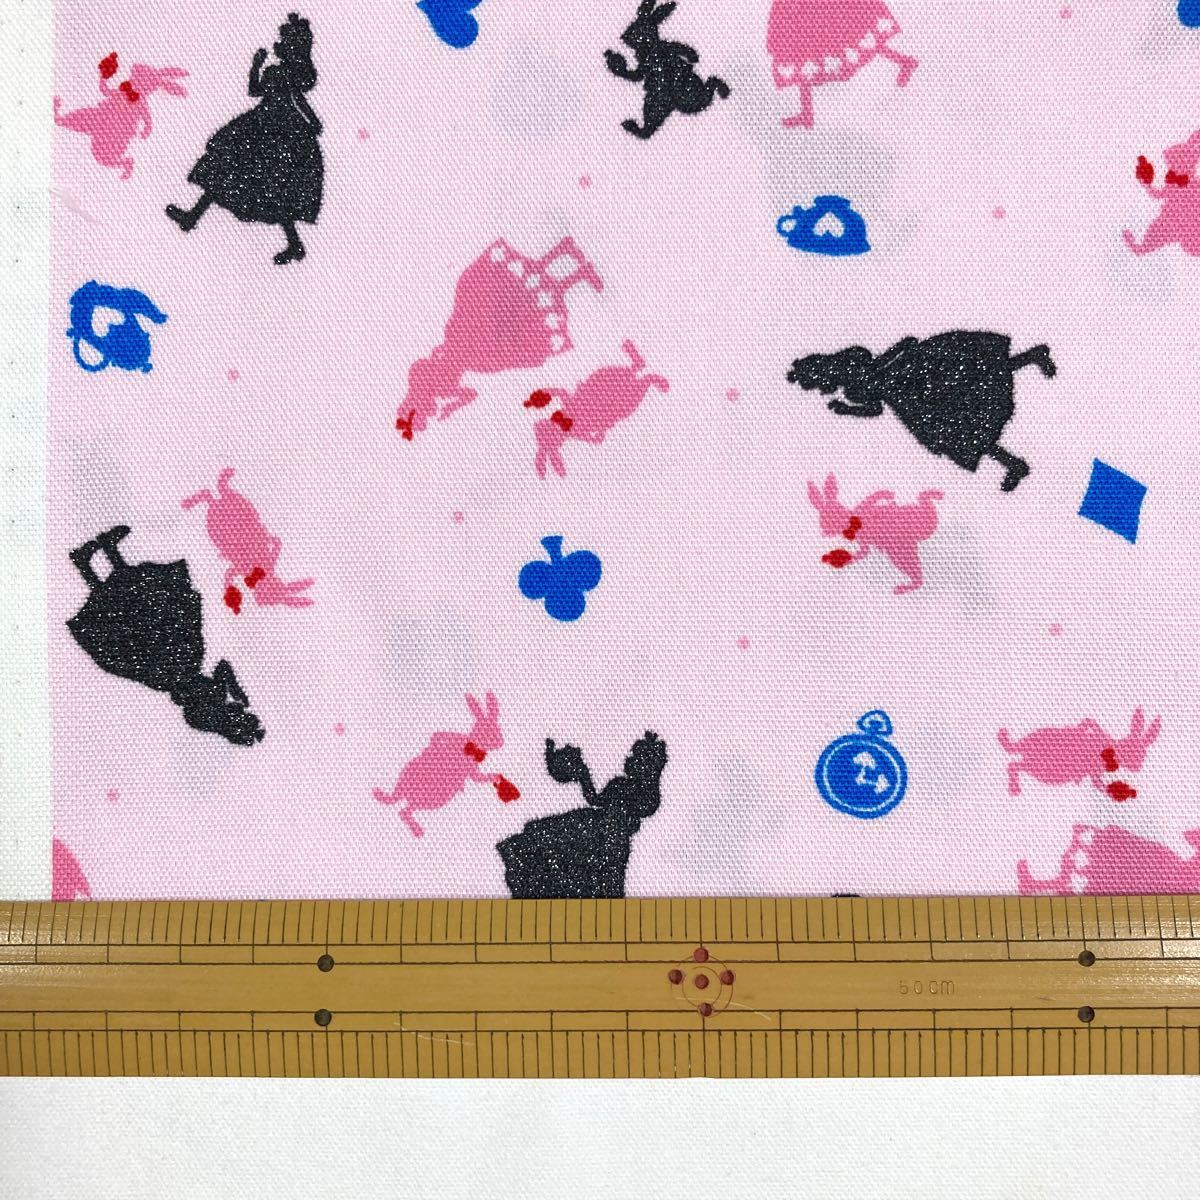 綿オックス:不思議の国のアリス:ピンク:生地幅×50:生地ハギレ